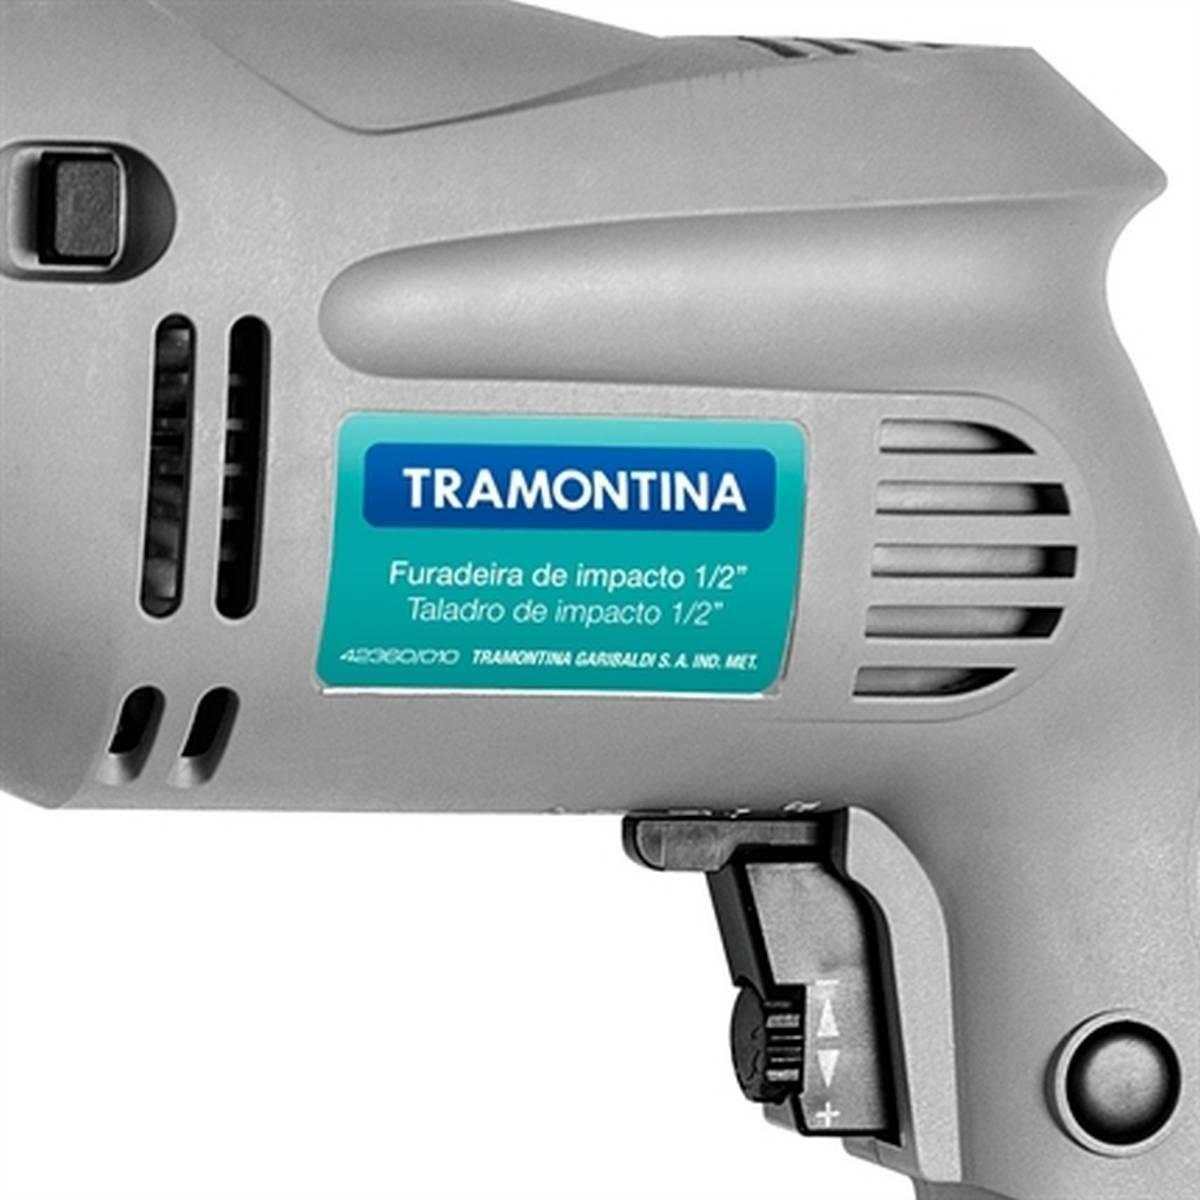 Furadeira Profissional Impacto 1/2 Polegadas 500w Tramontina